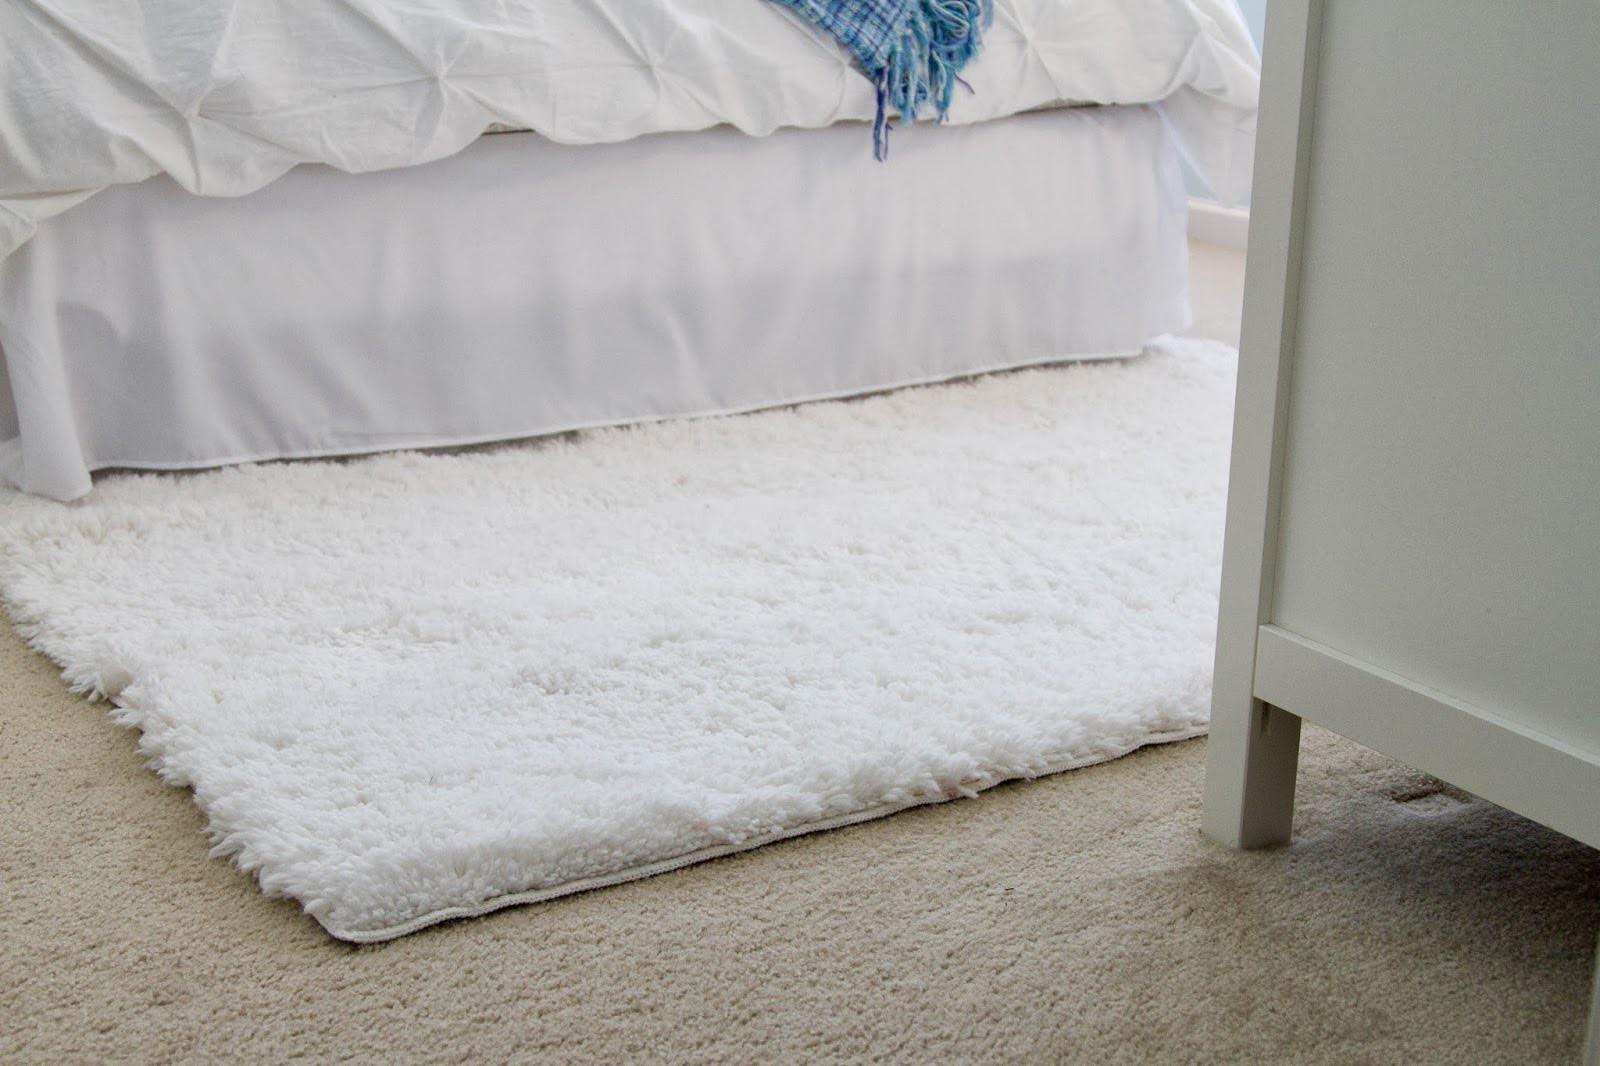 White Fluffy Rug Target White Fluffy Rug Fluffy Rug Target Rug